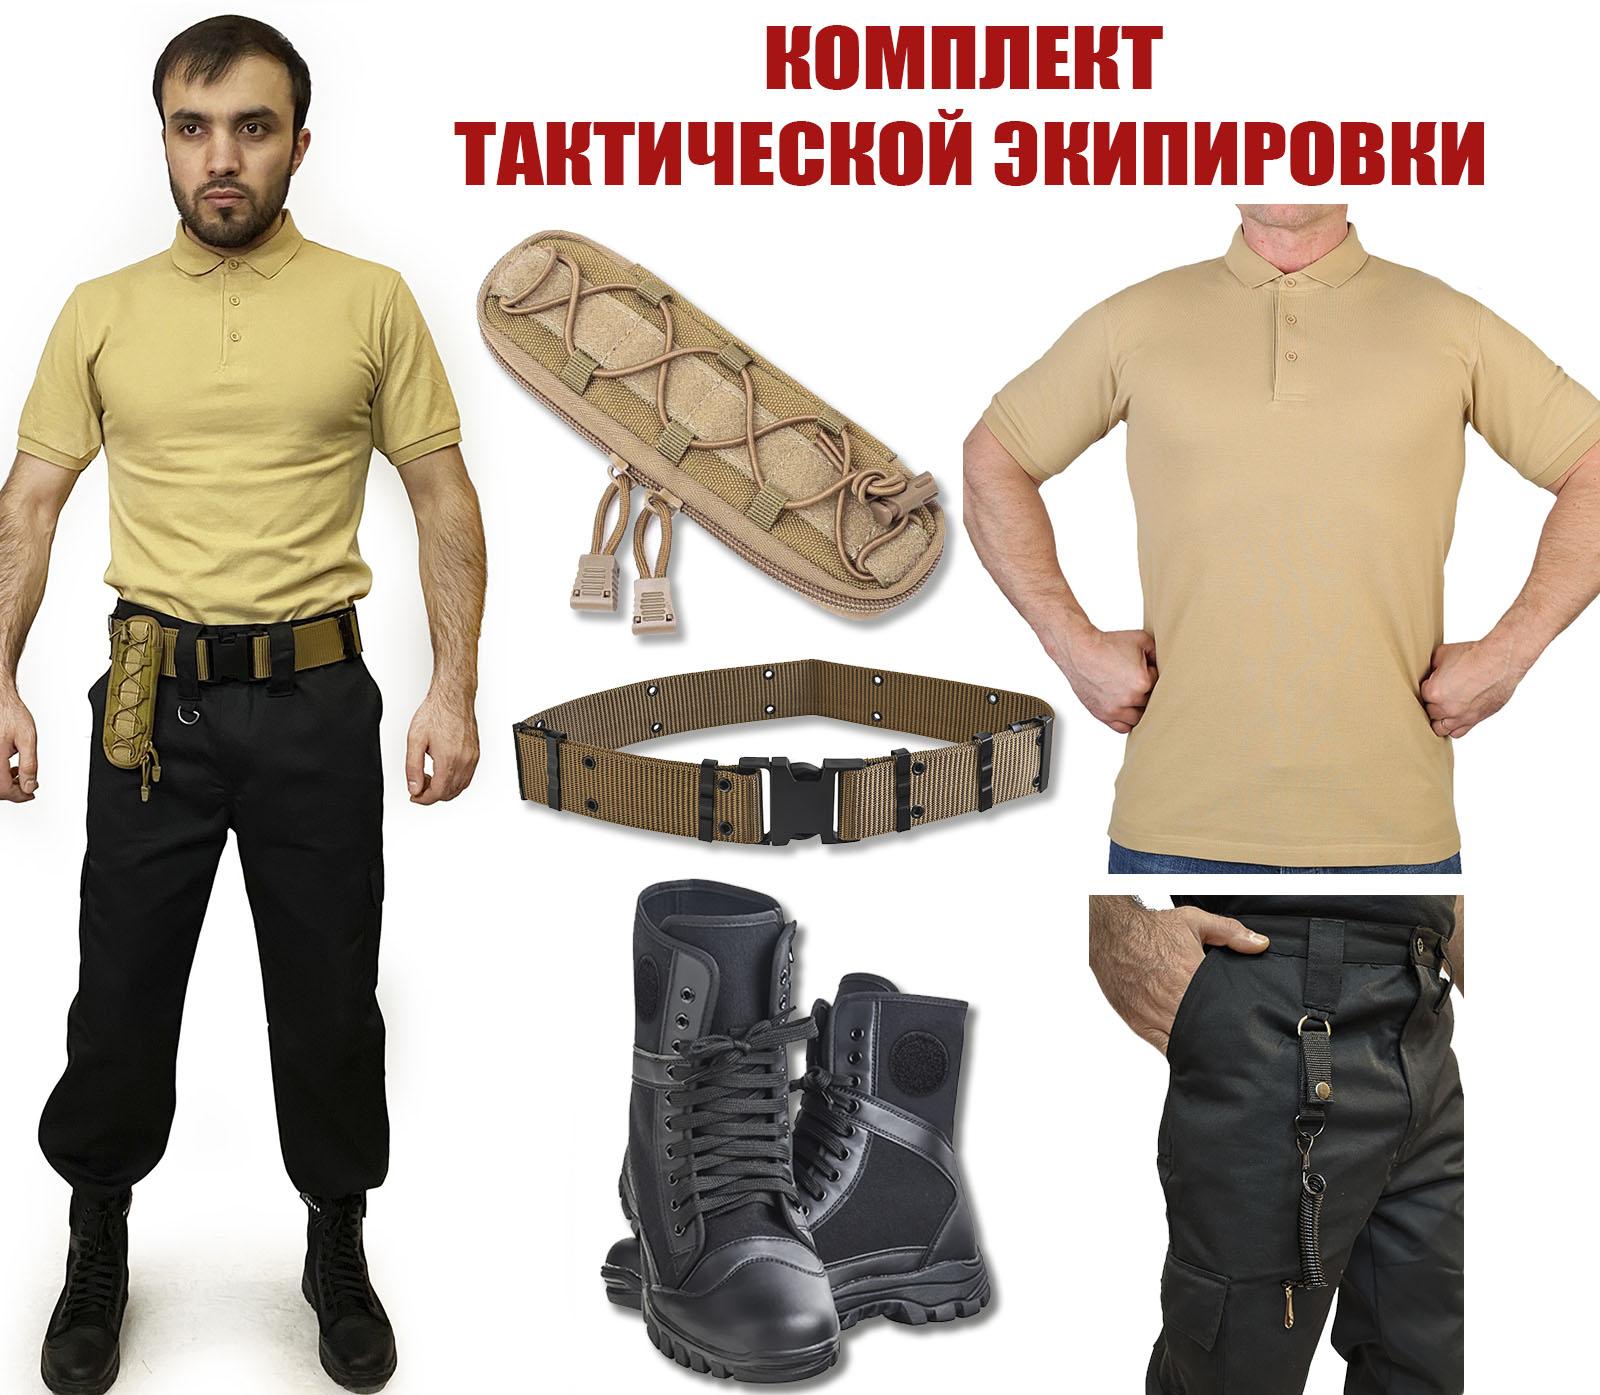 Комплект тактической экипировки